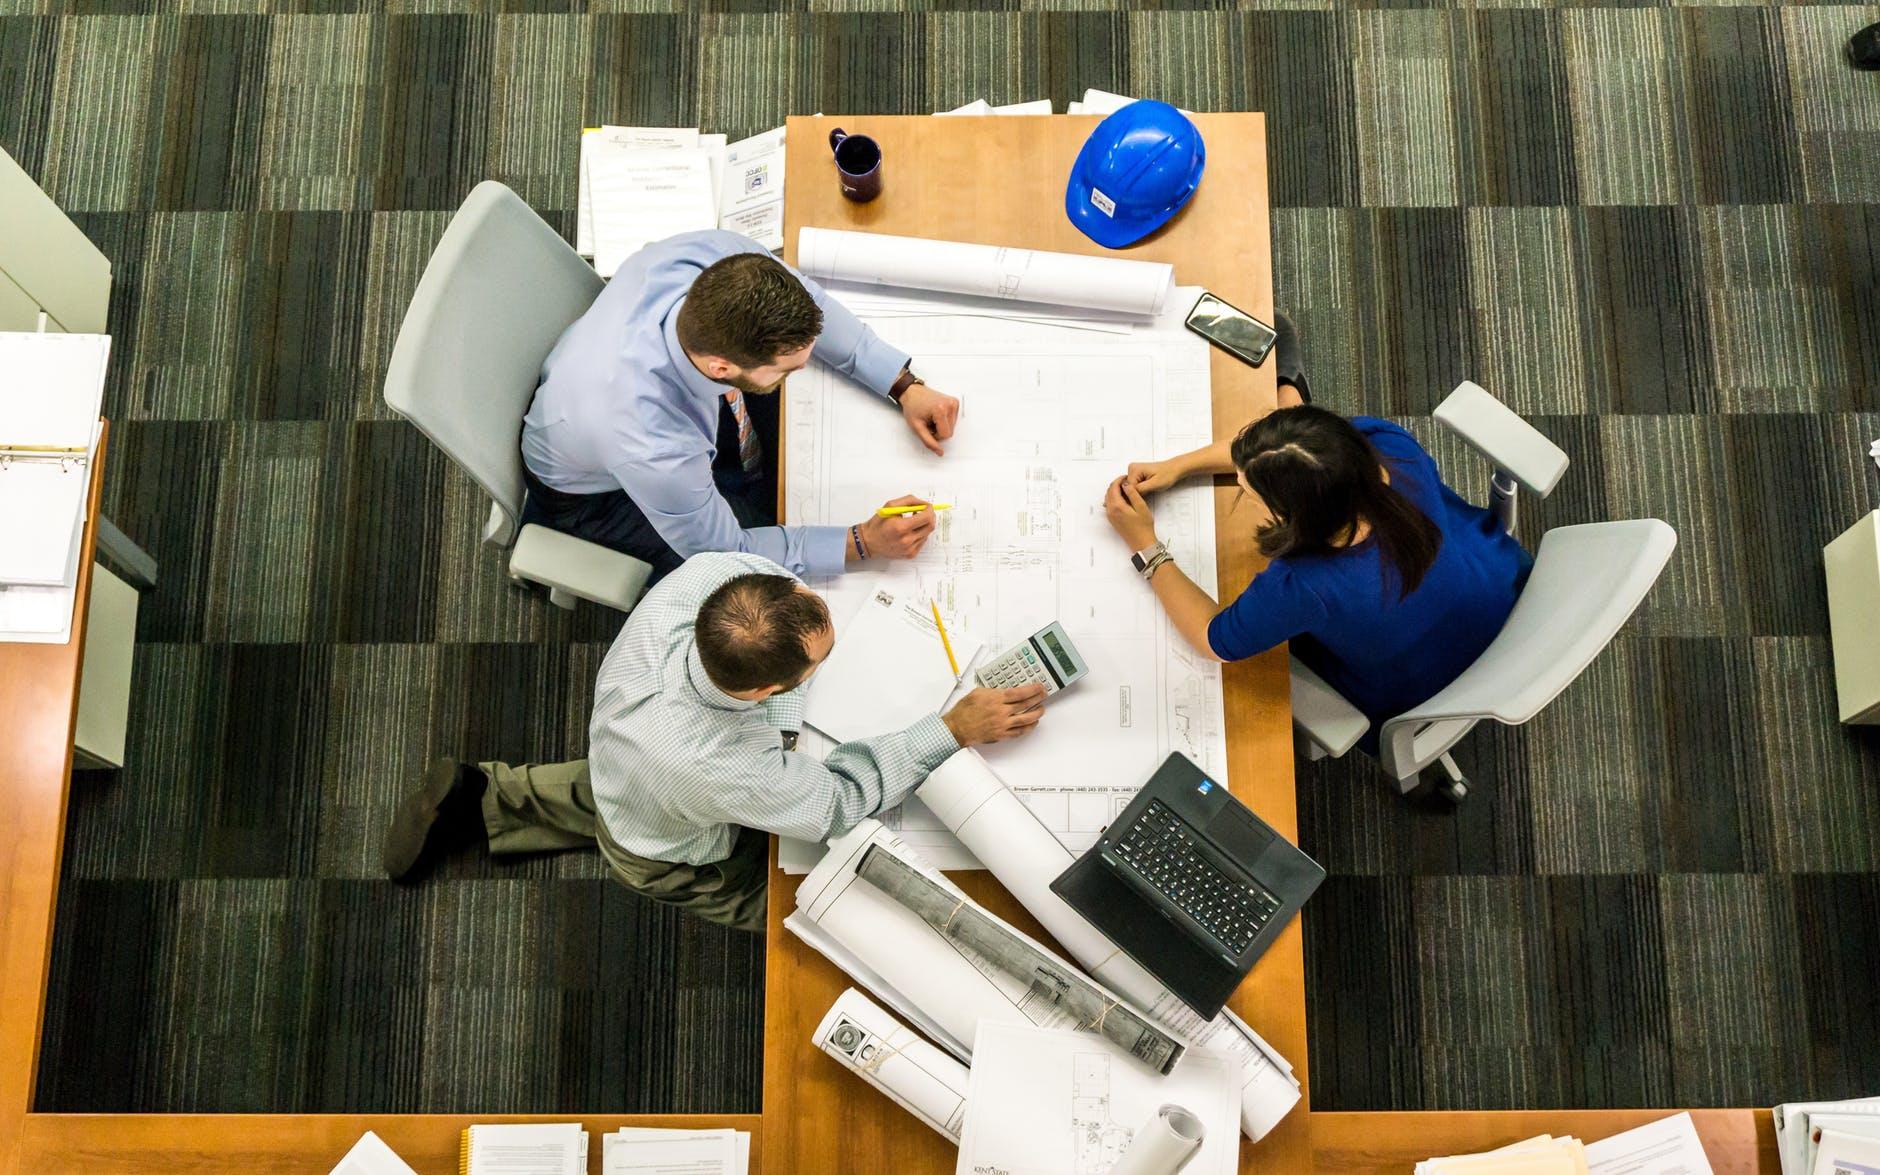 Kenali Dasar Hukum Bisnis Sebelum Memulai Usaha